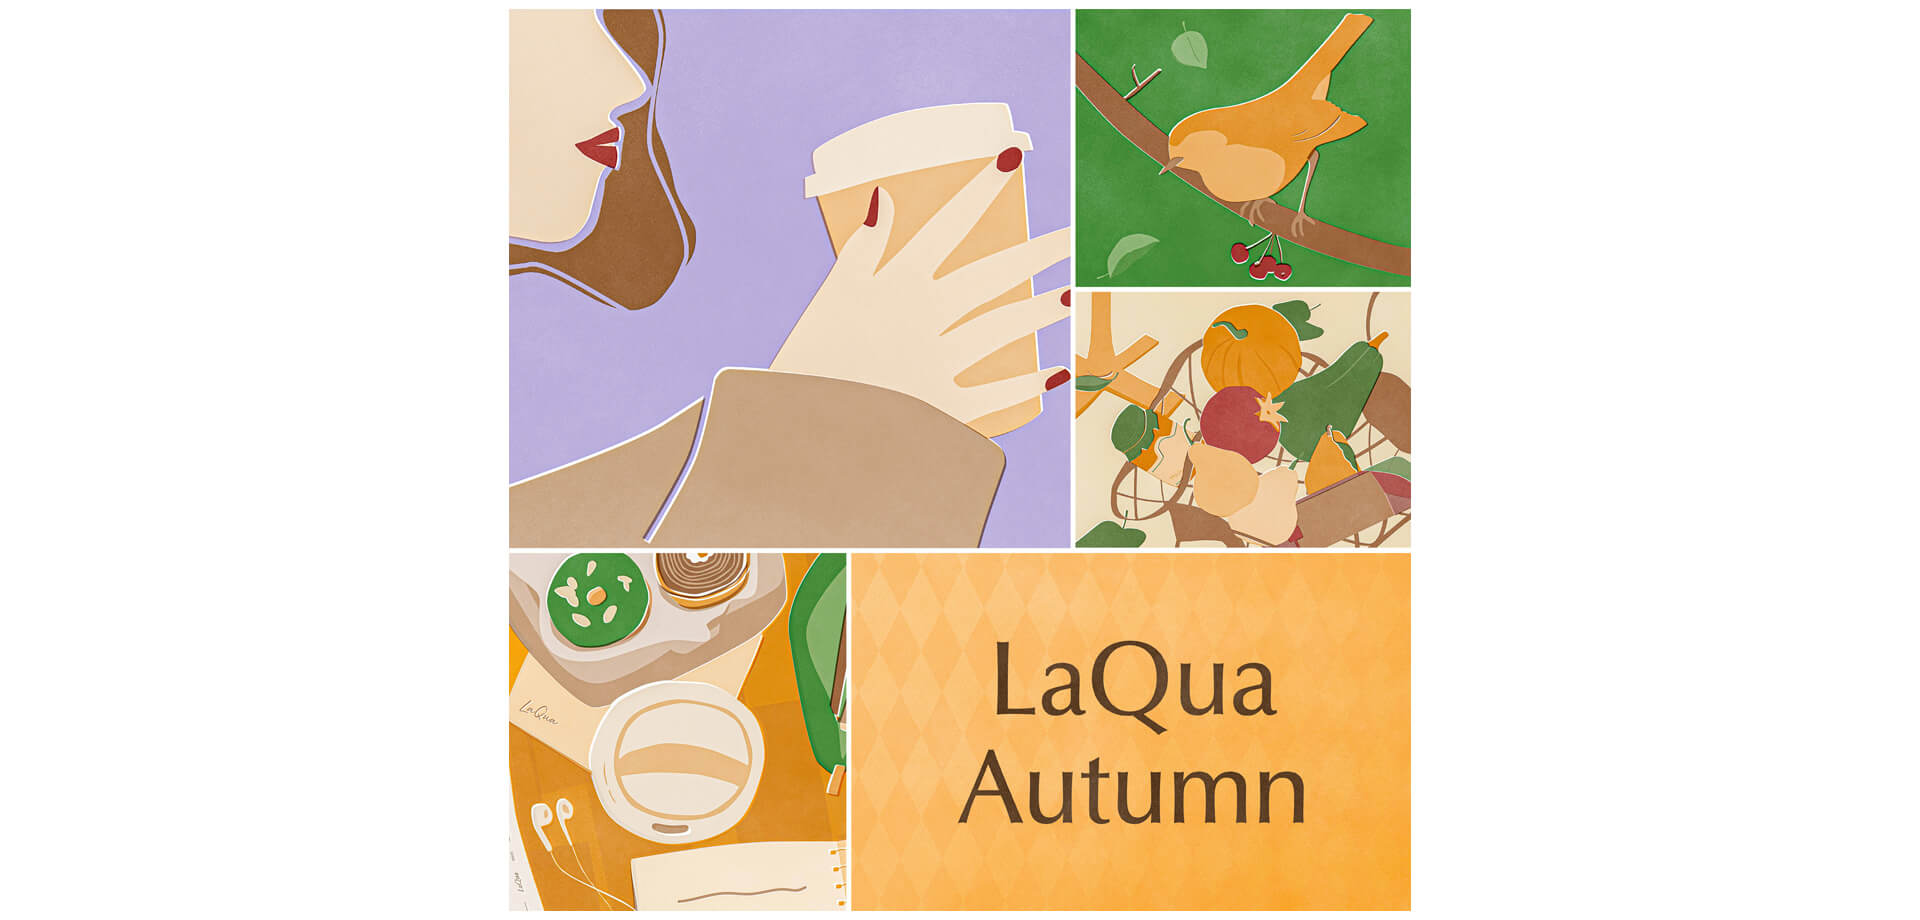 東京ドームシティ LaQua(ラクーア)秋のイベント『LaQua Autumn』